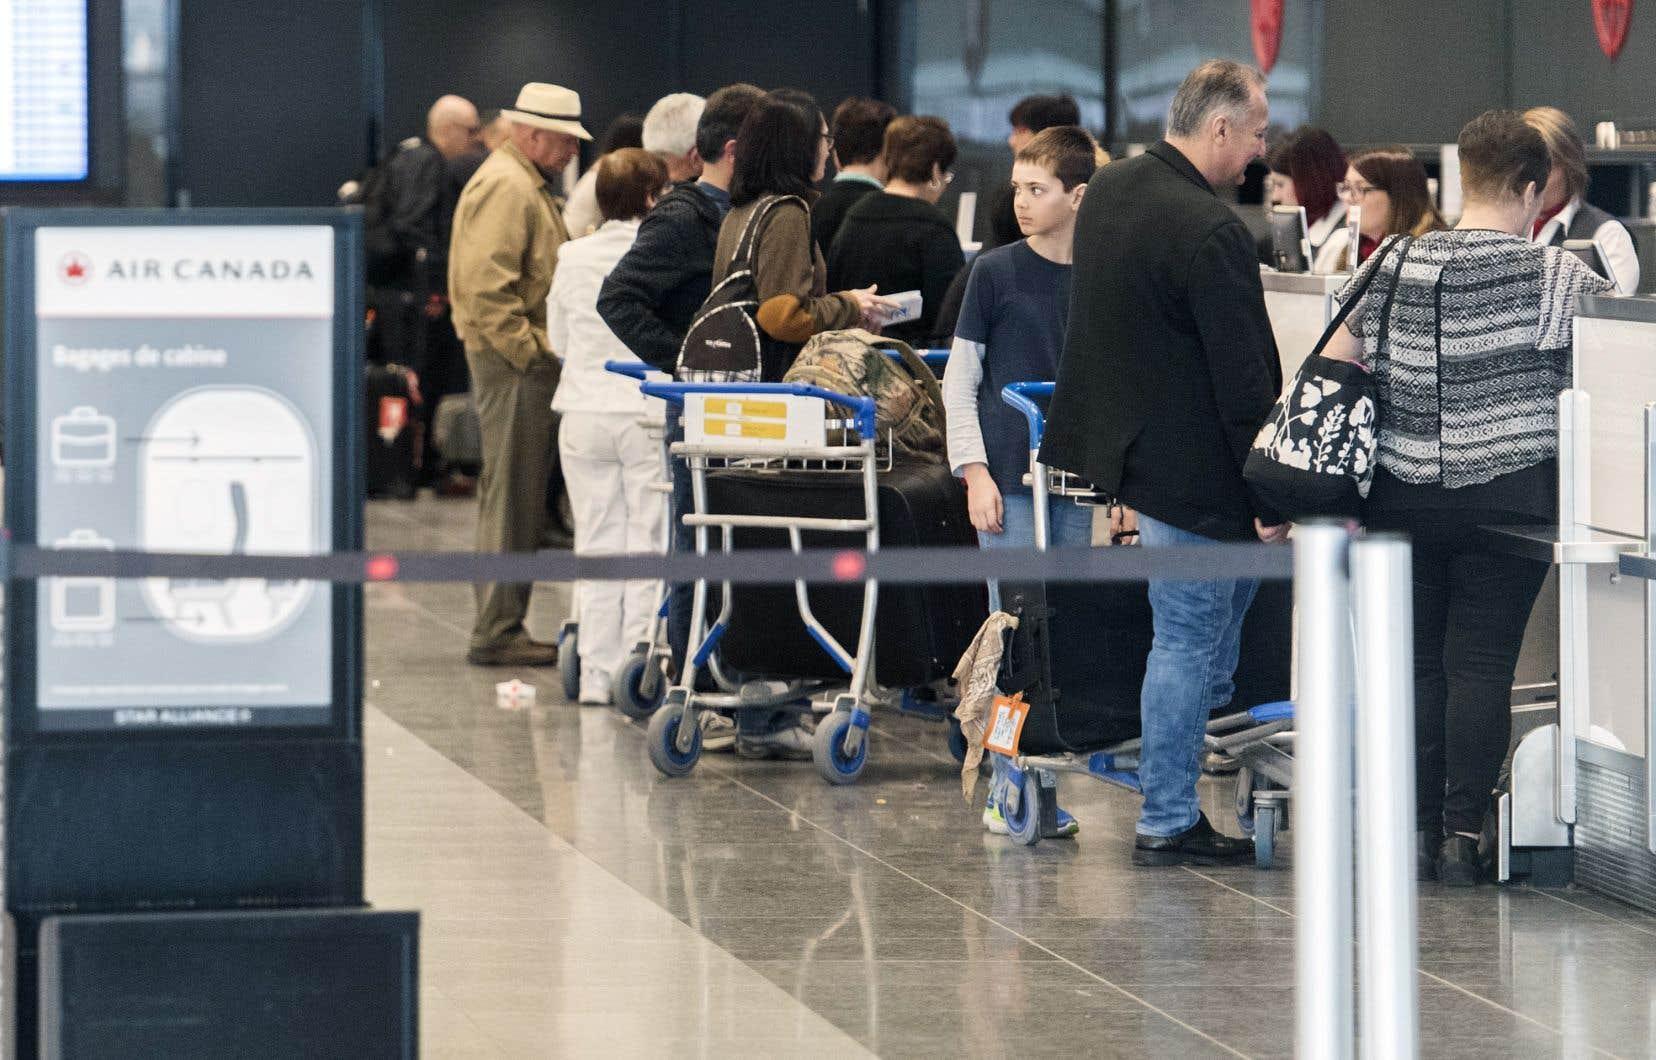 Des milliers de voyageurs ont dû faire la file durant des heures, mercredi, aux comptoirs des compagnies aériennes afin qu'on les redirige vers de nouveaux vols après la suspension du droit de vol pour les appareils B737 MAX.